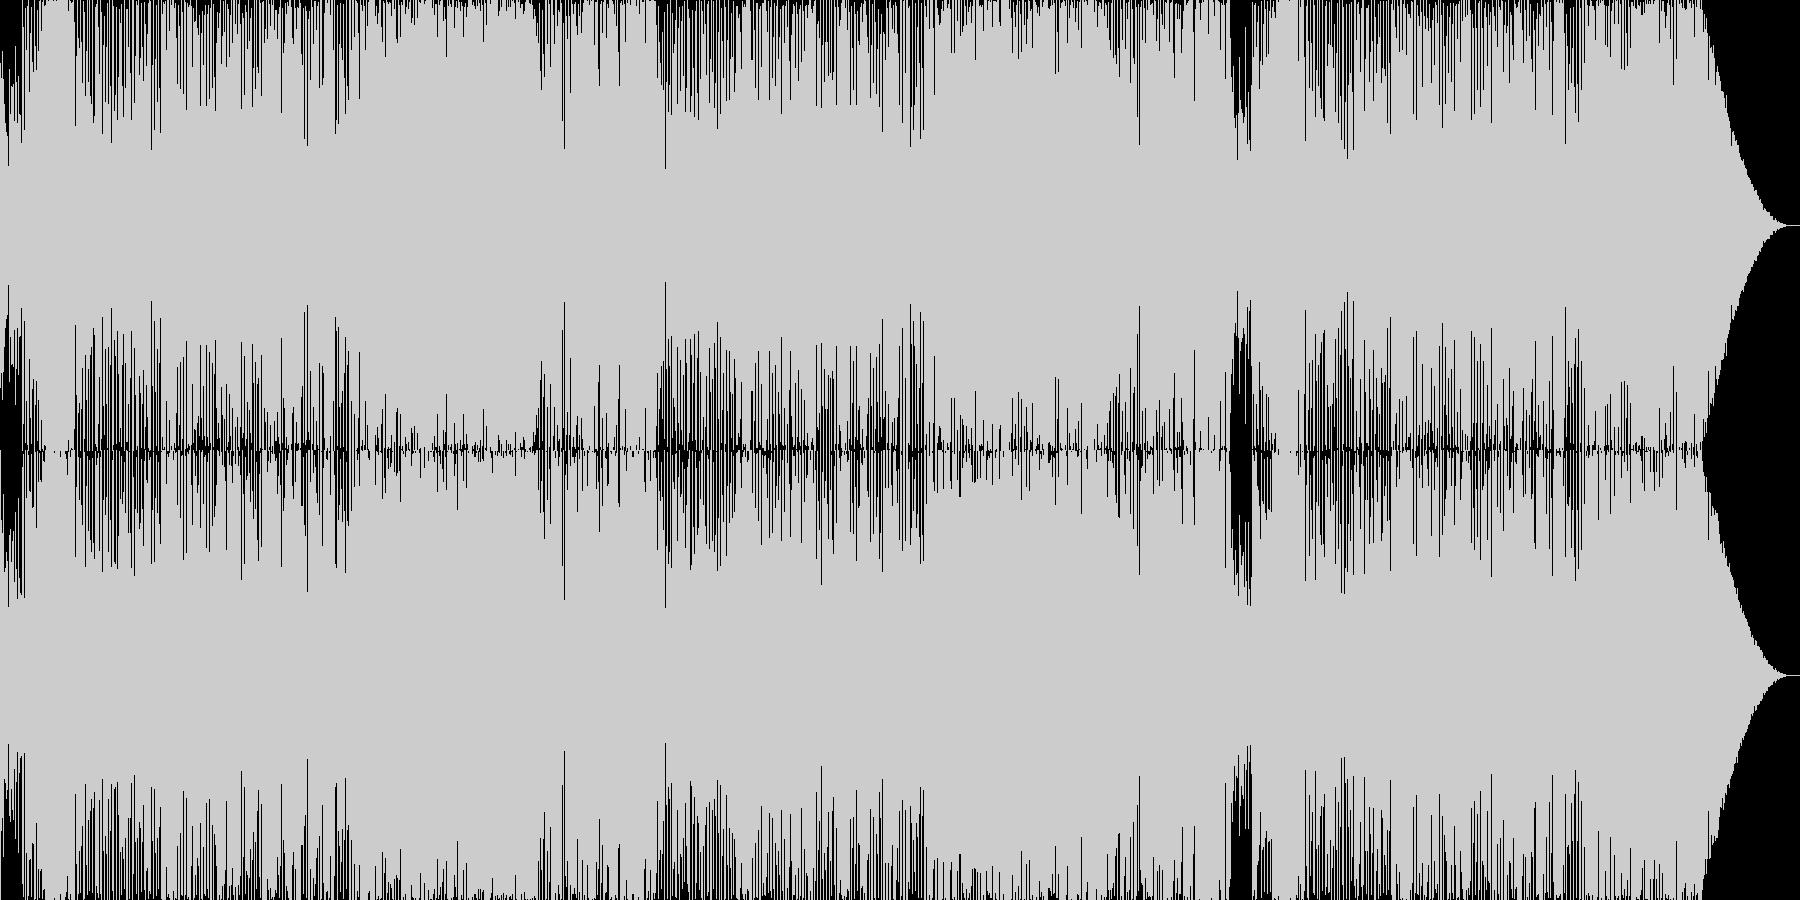 好印象のフュージョンポップの未再生の波形